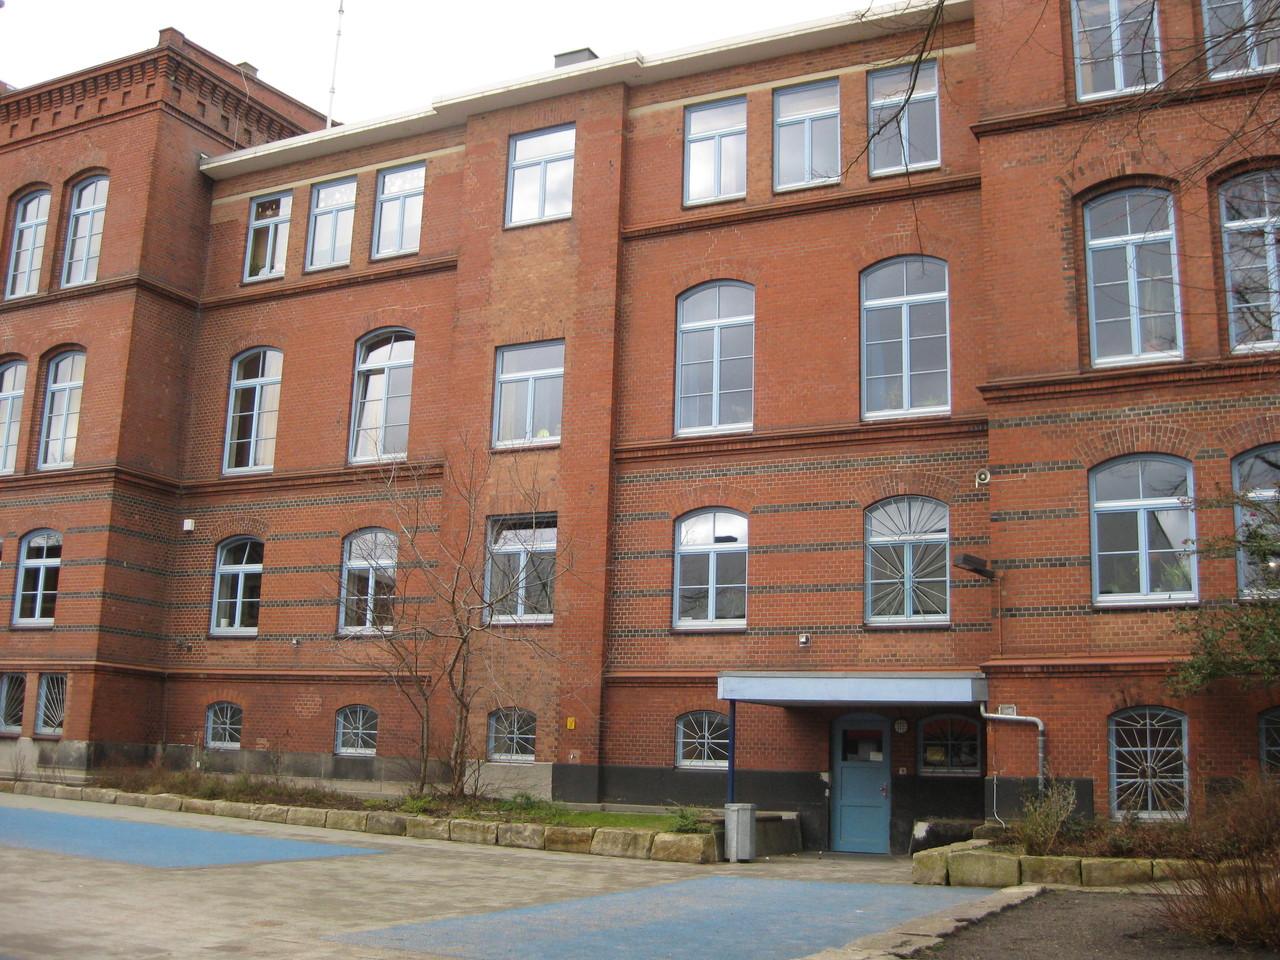 Schulgebäude, Lackierung der Fenster 2